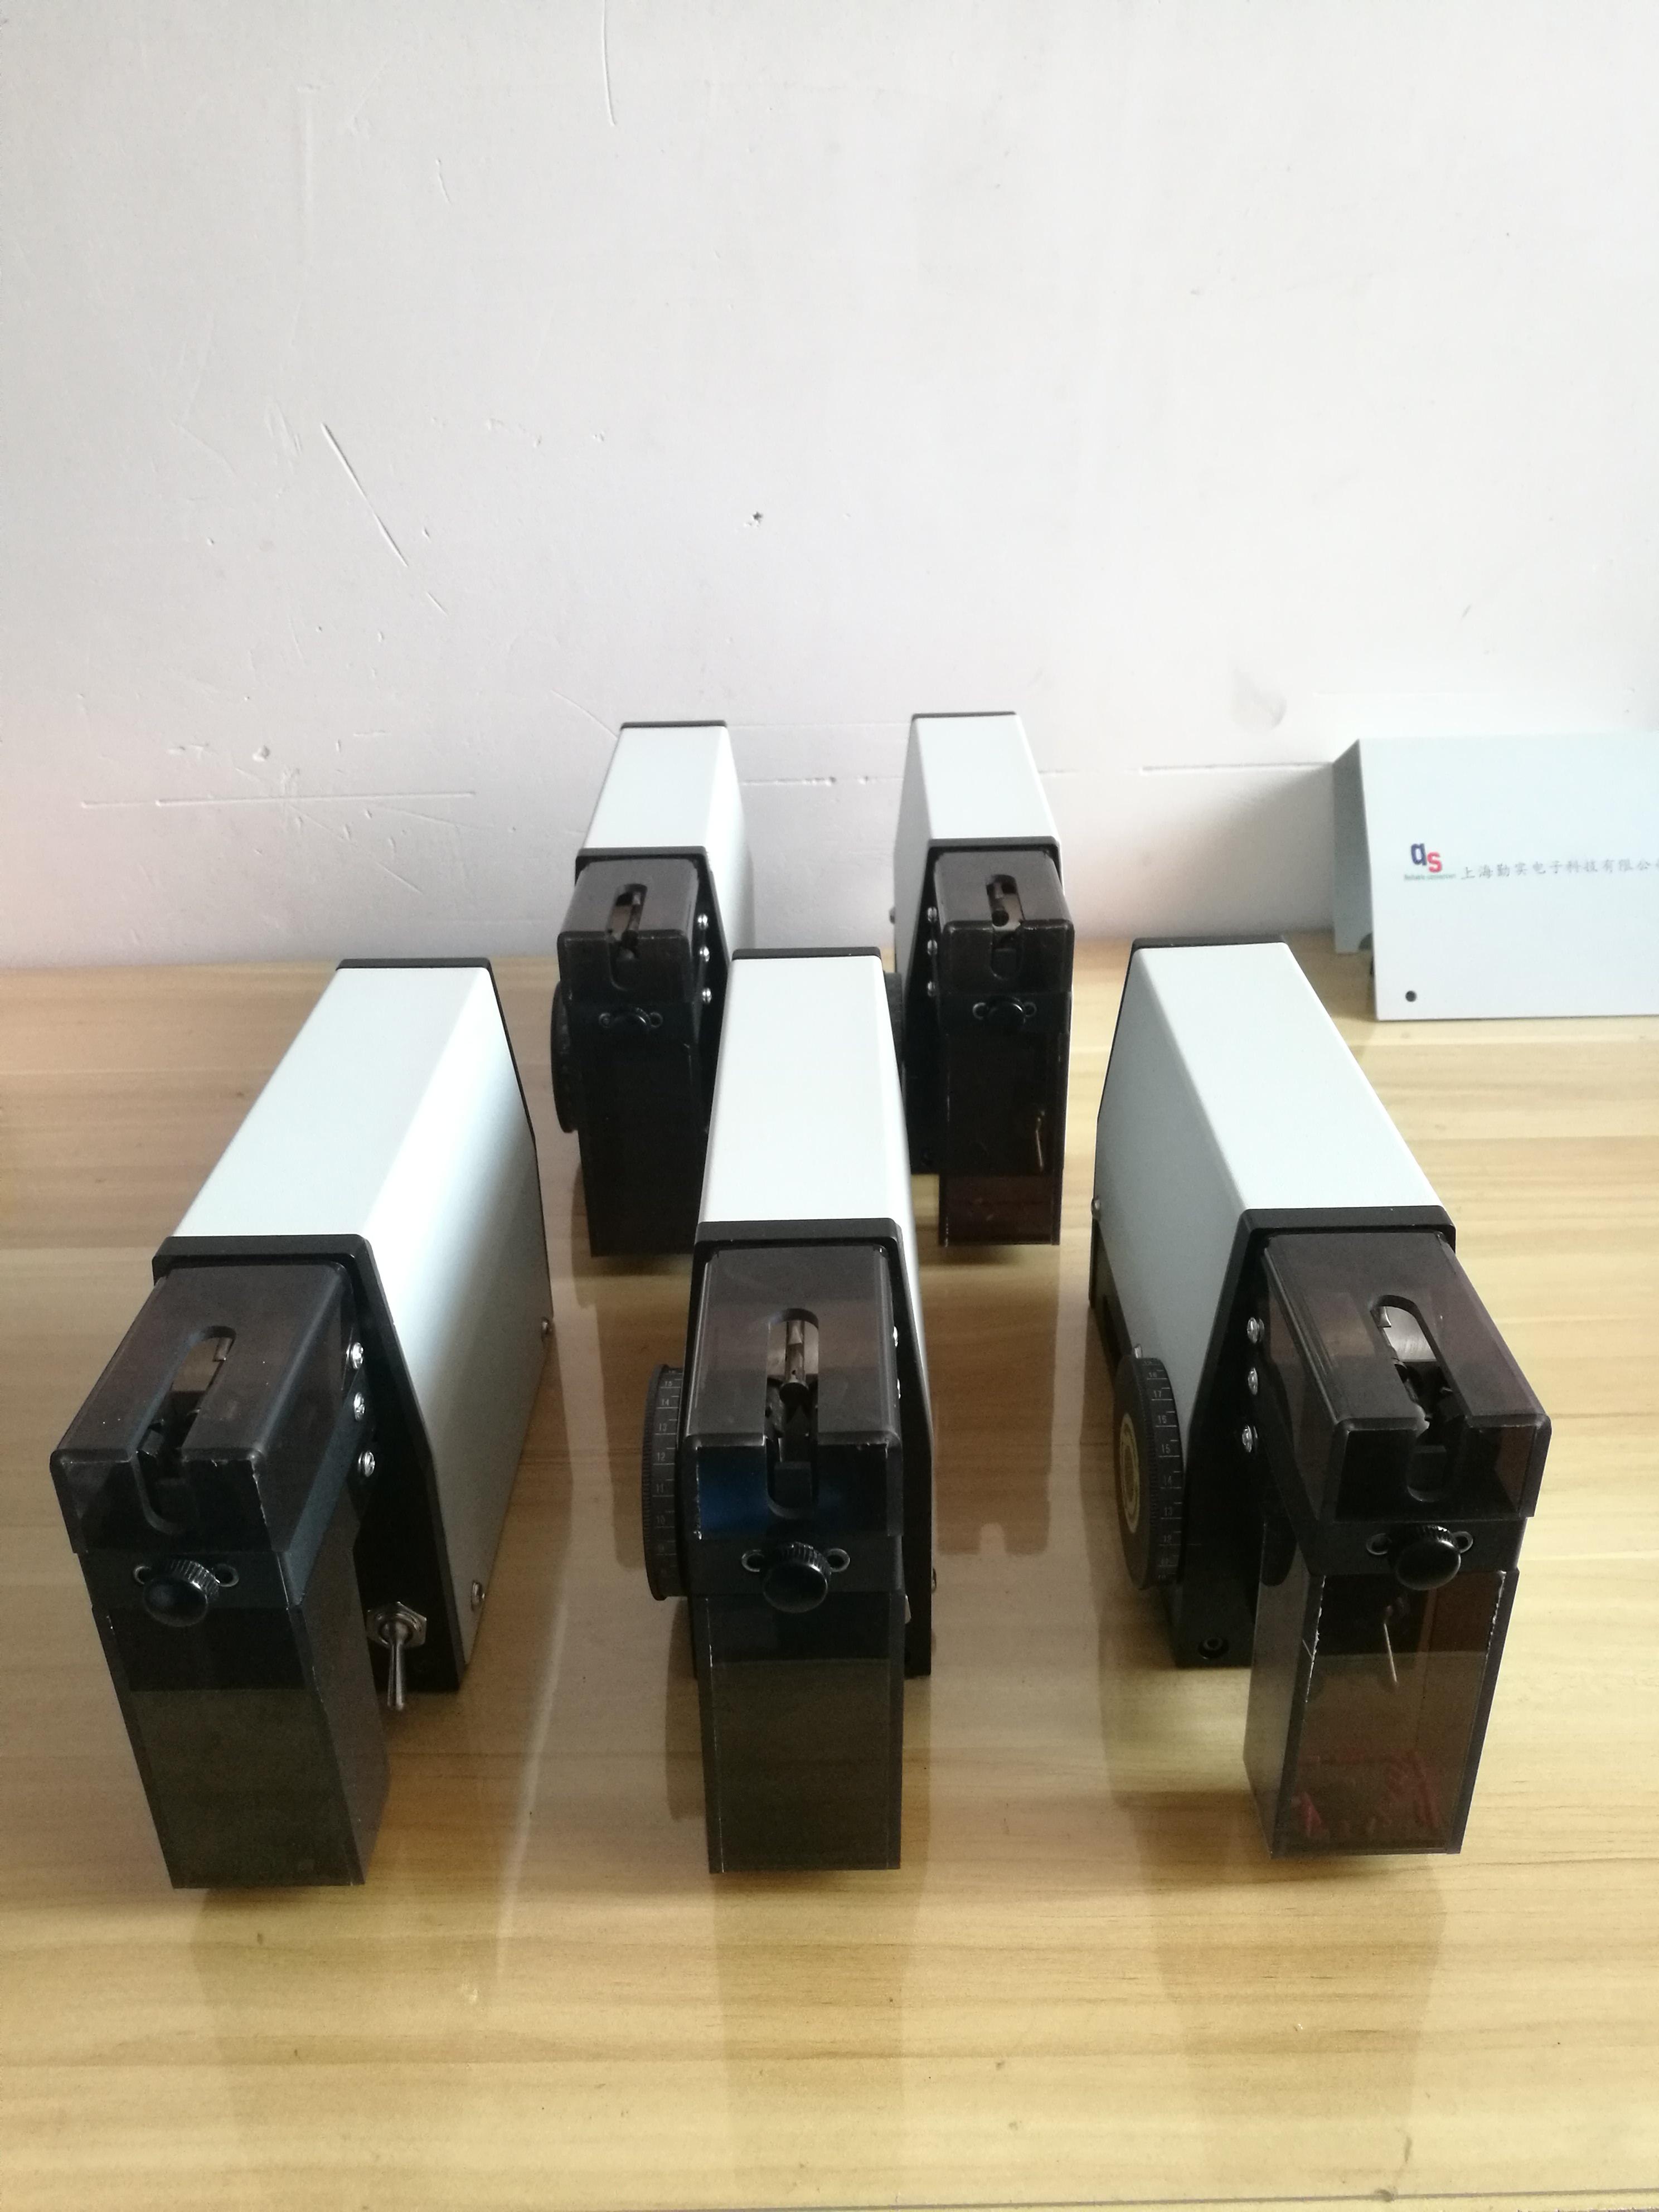 电脑剥线机厂家,端子模具批发,全自动端子机